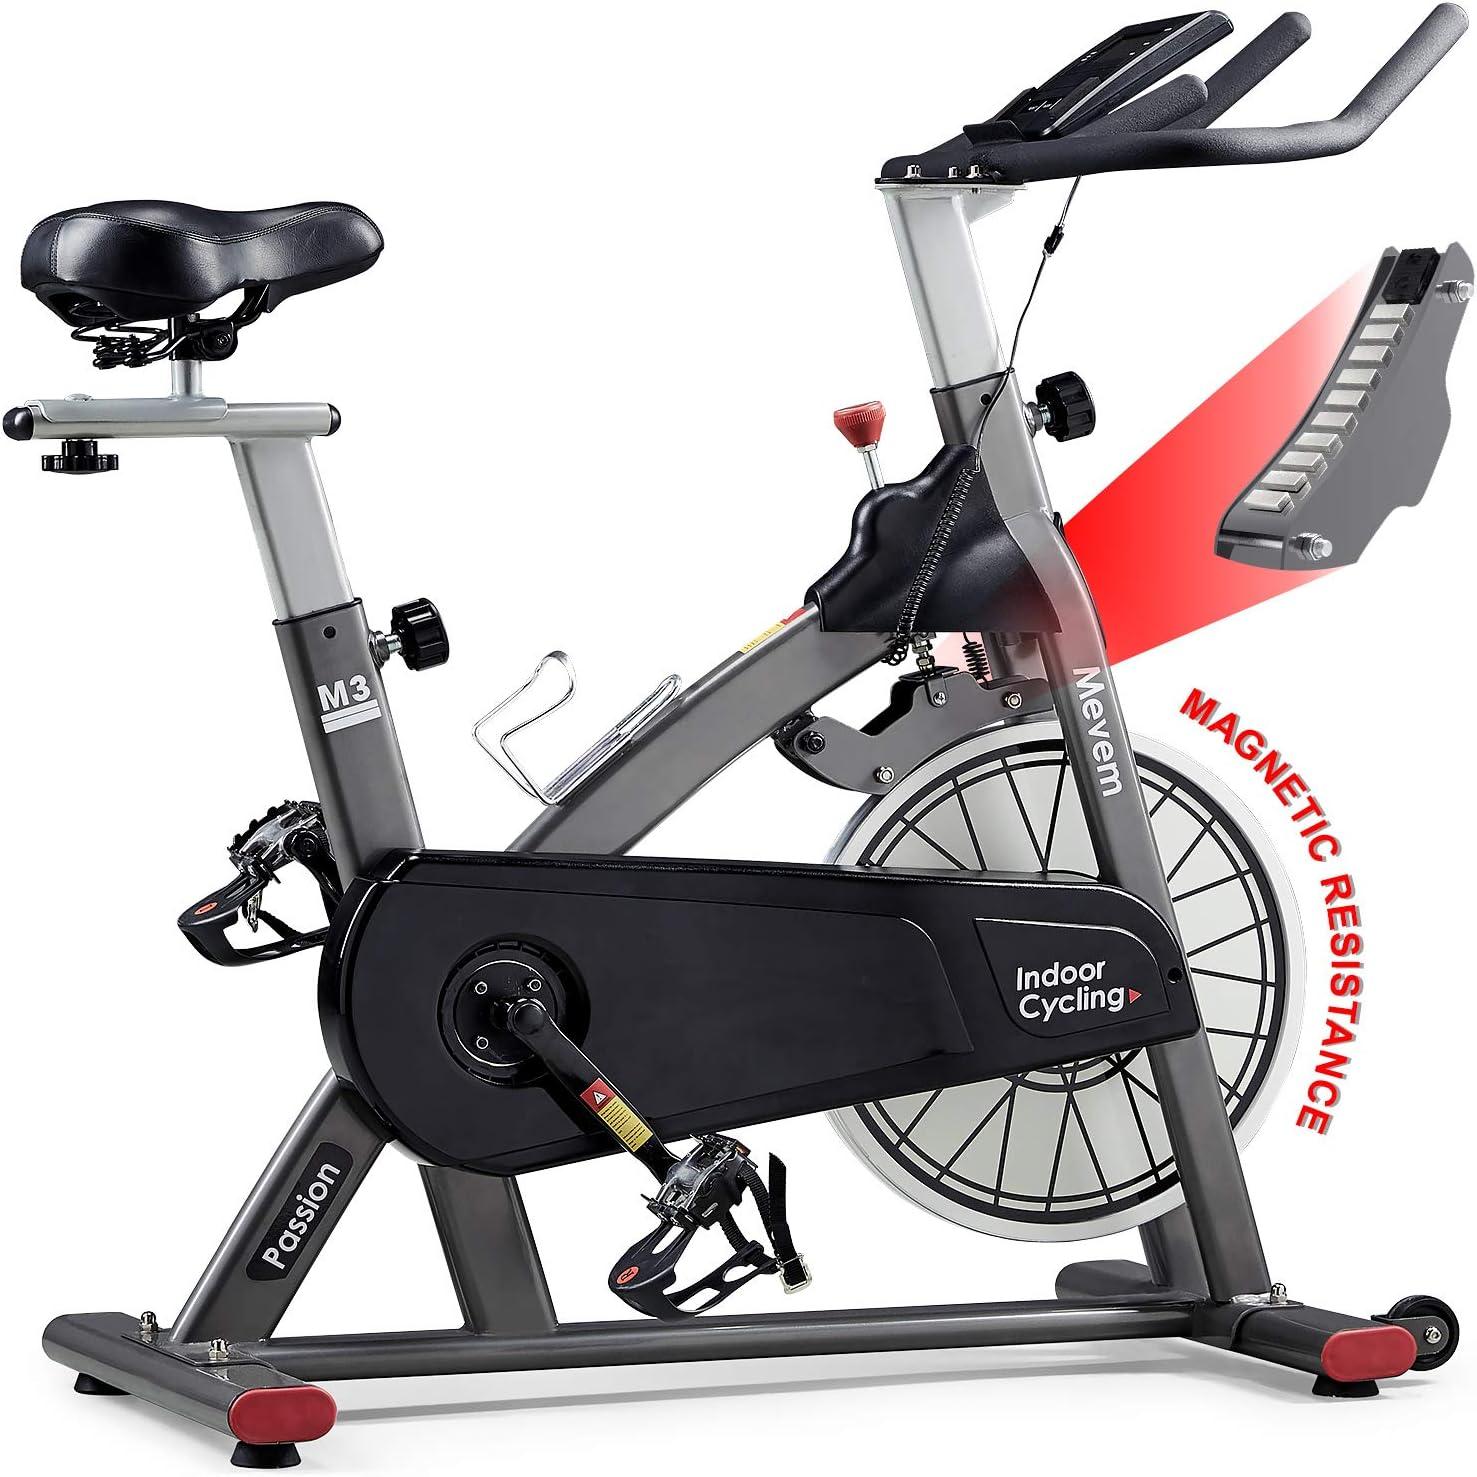 MEVEM Indoor Cycling Bike-Belt Drive Indoor Magnetic Exercise Bike, Indoor Stationary Bike for Home Cardio Gym ...